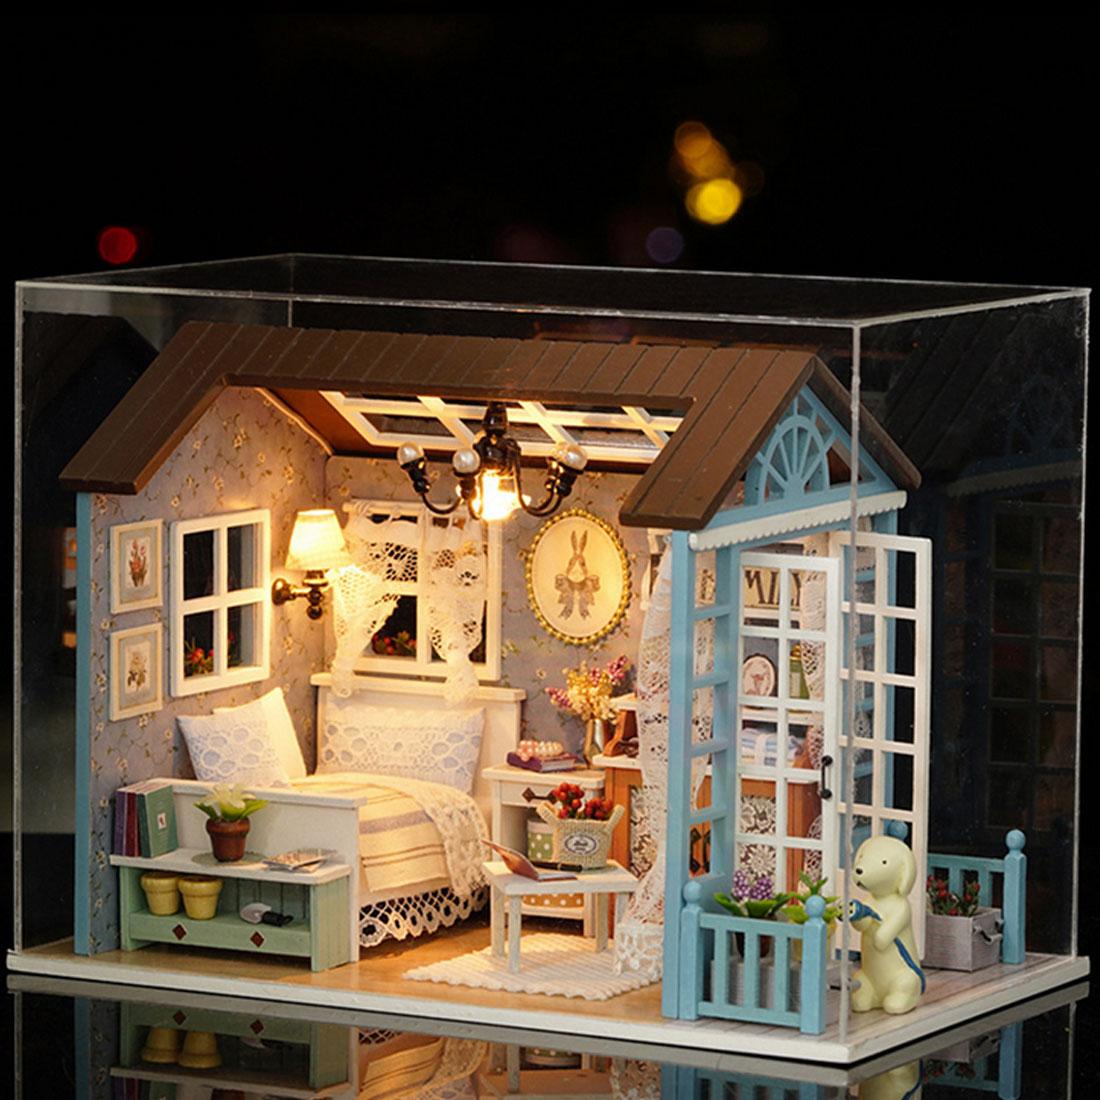 Casa de DIY para muñecas modelo de juguete de madera mini muebles hechos a mano casa de muñecas exquisita casa para muñecas regalos juguetes para niños